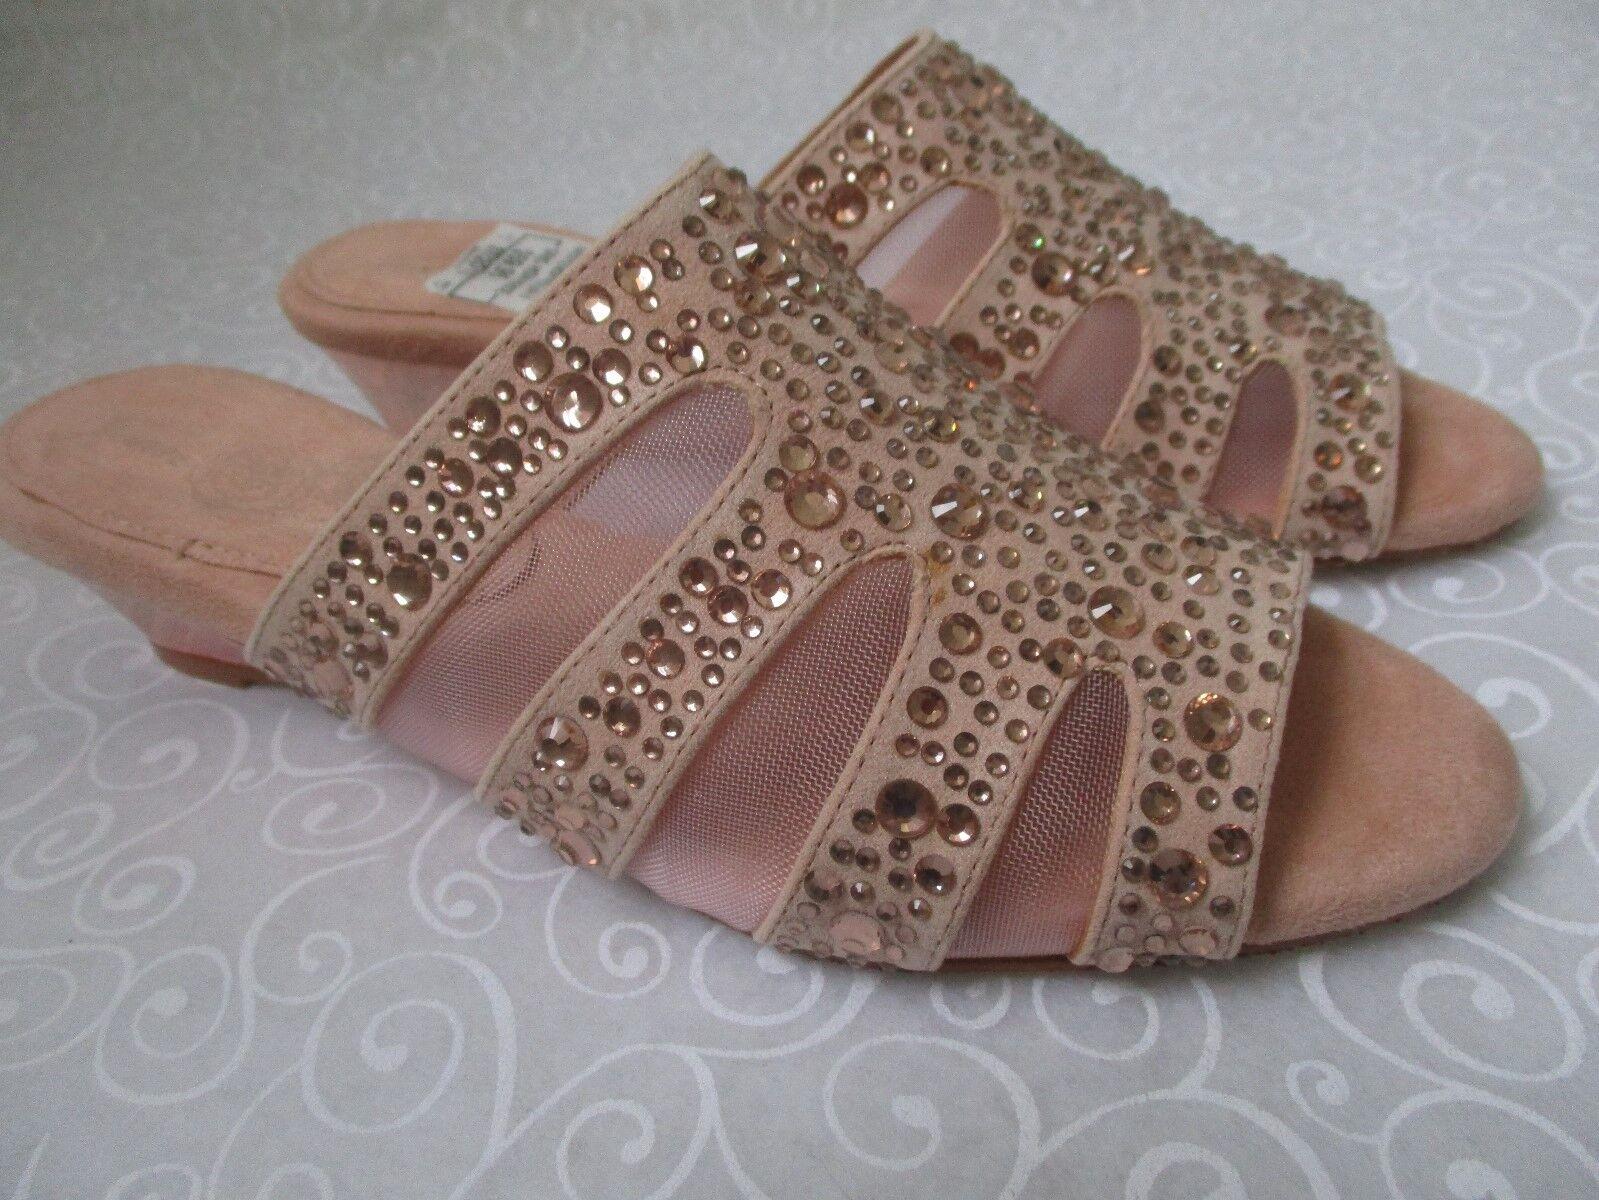 Joan Boyce azulsh Malla de de de diamantes de imitación Cuña Zapatos Talla 11 M-Nuevo  Ahorre 35% - 70% de descuento